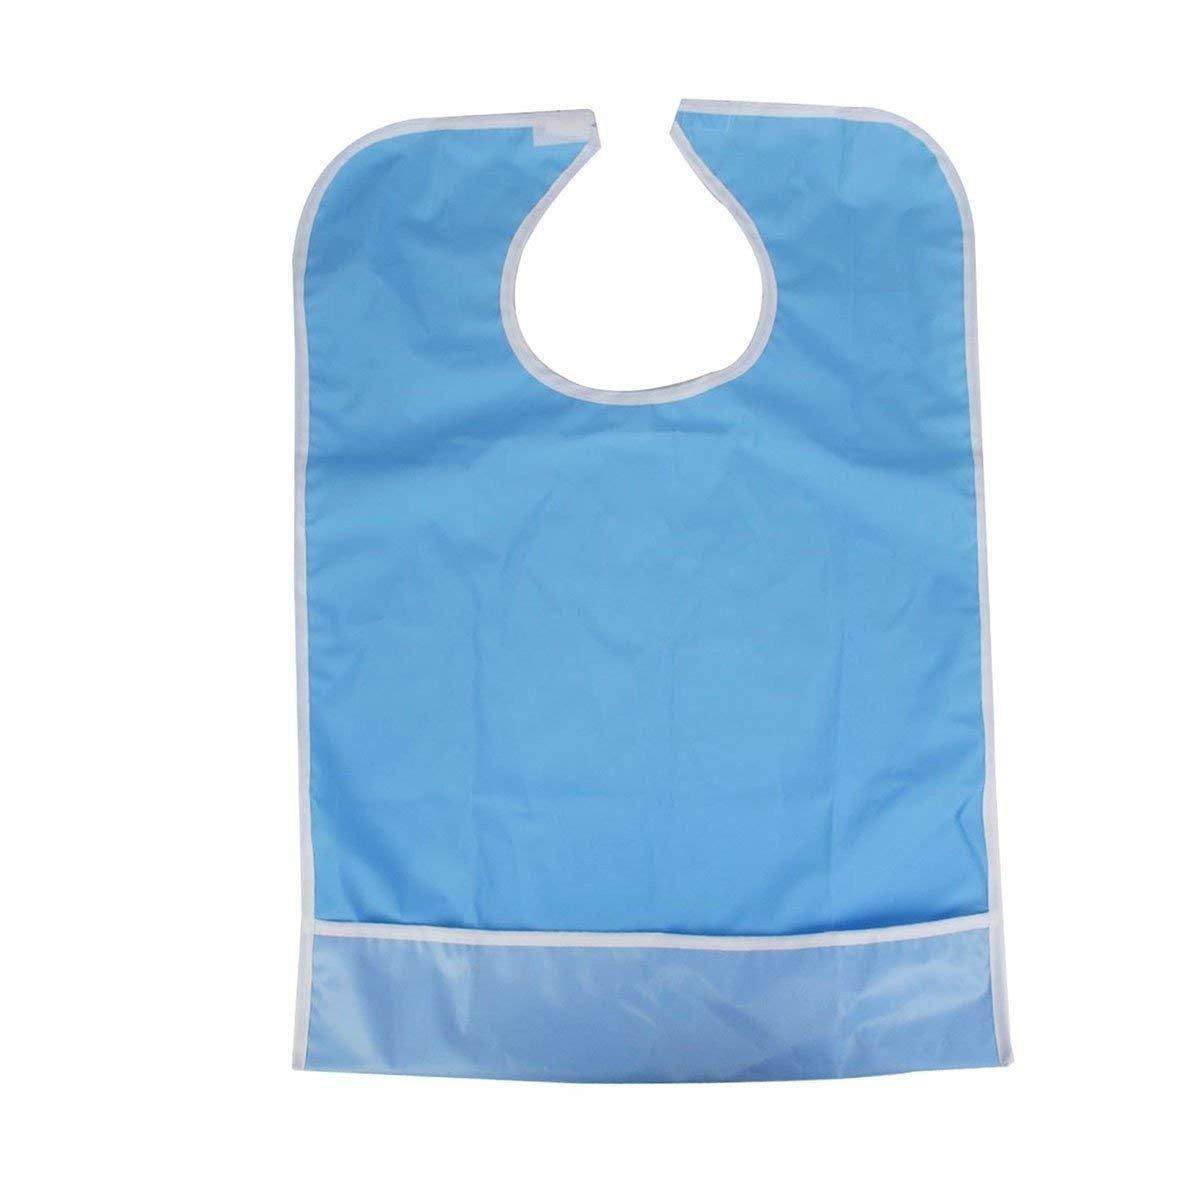 saianke Bib for Elderly防水MealtimeよだれかけプロテクターAidエプロン(ライトブルー) One Size ブルー 22  ブルー B07FJ6PBDP